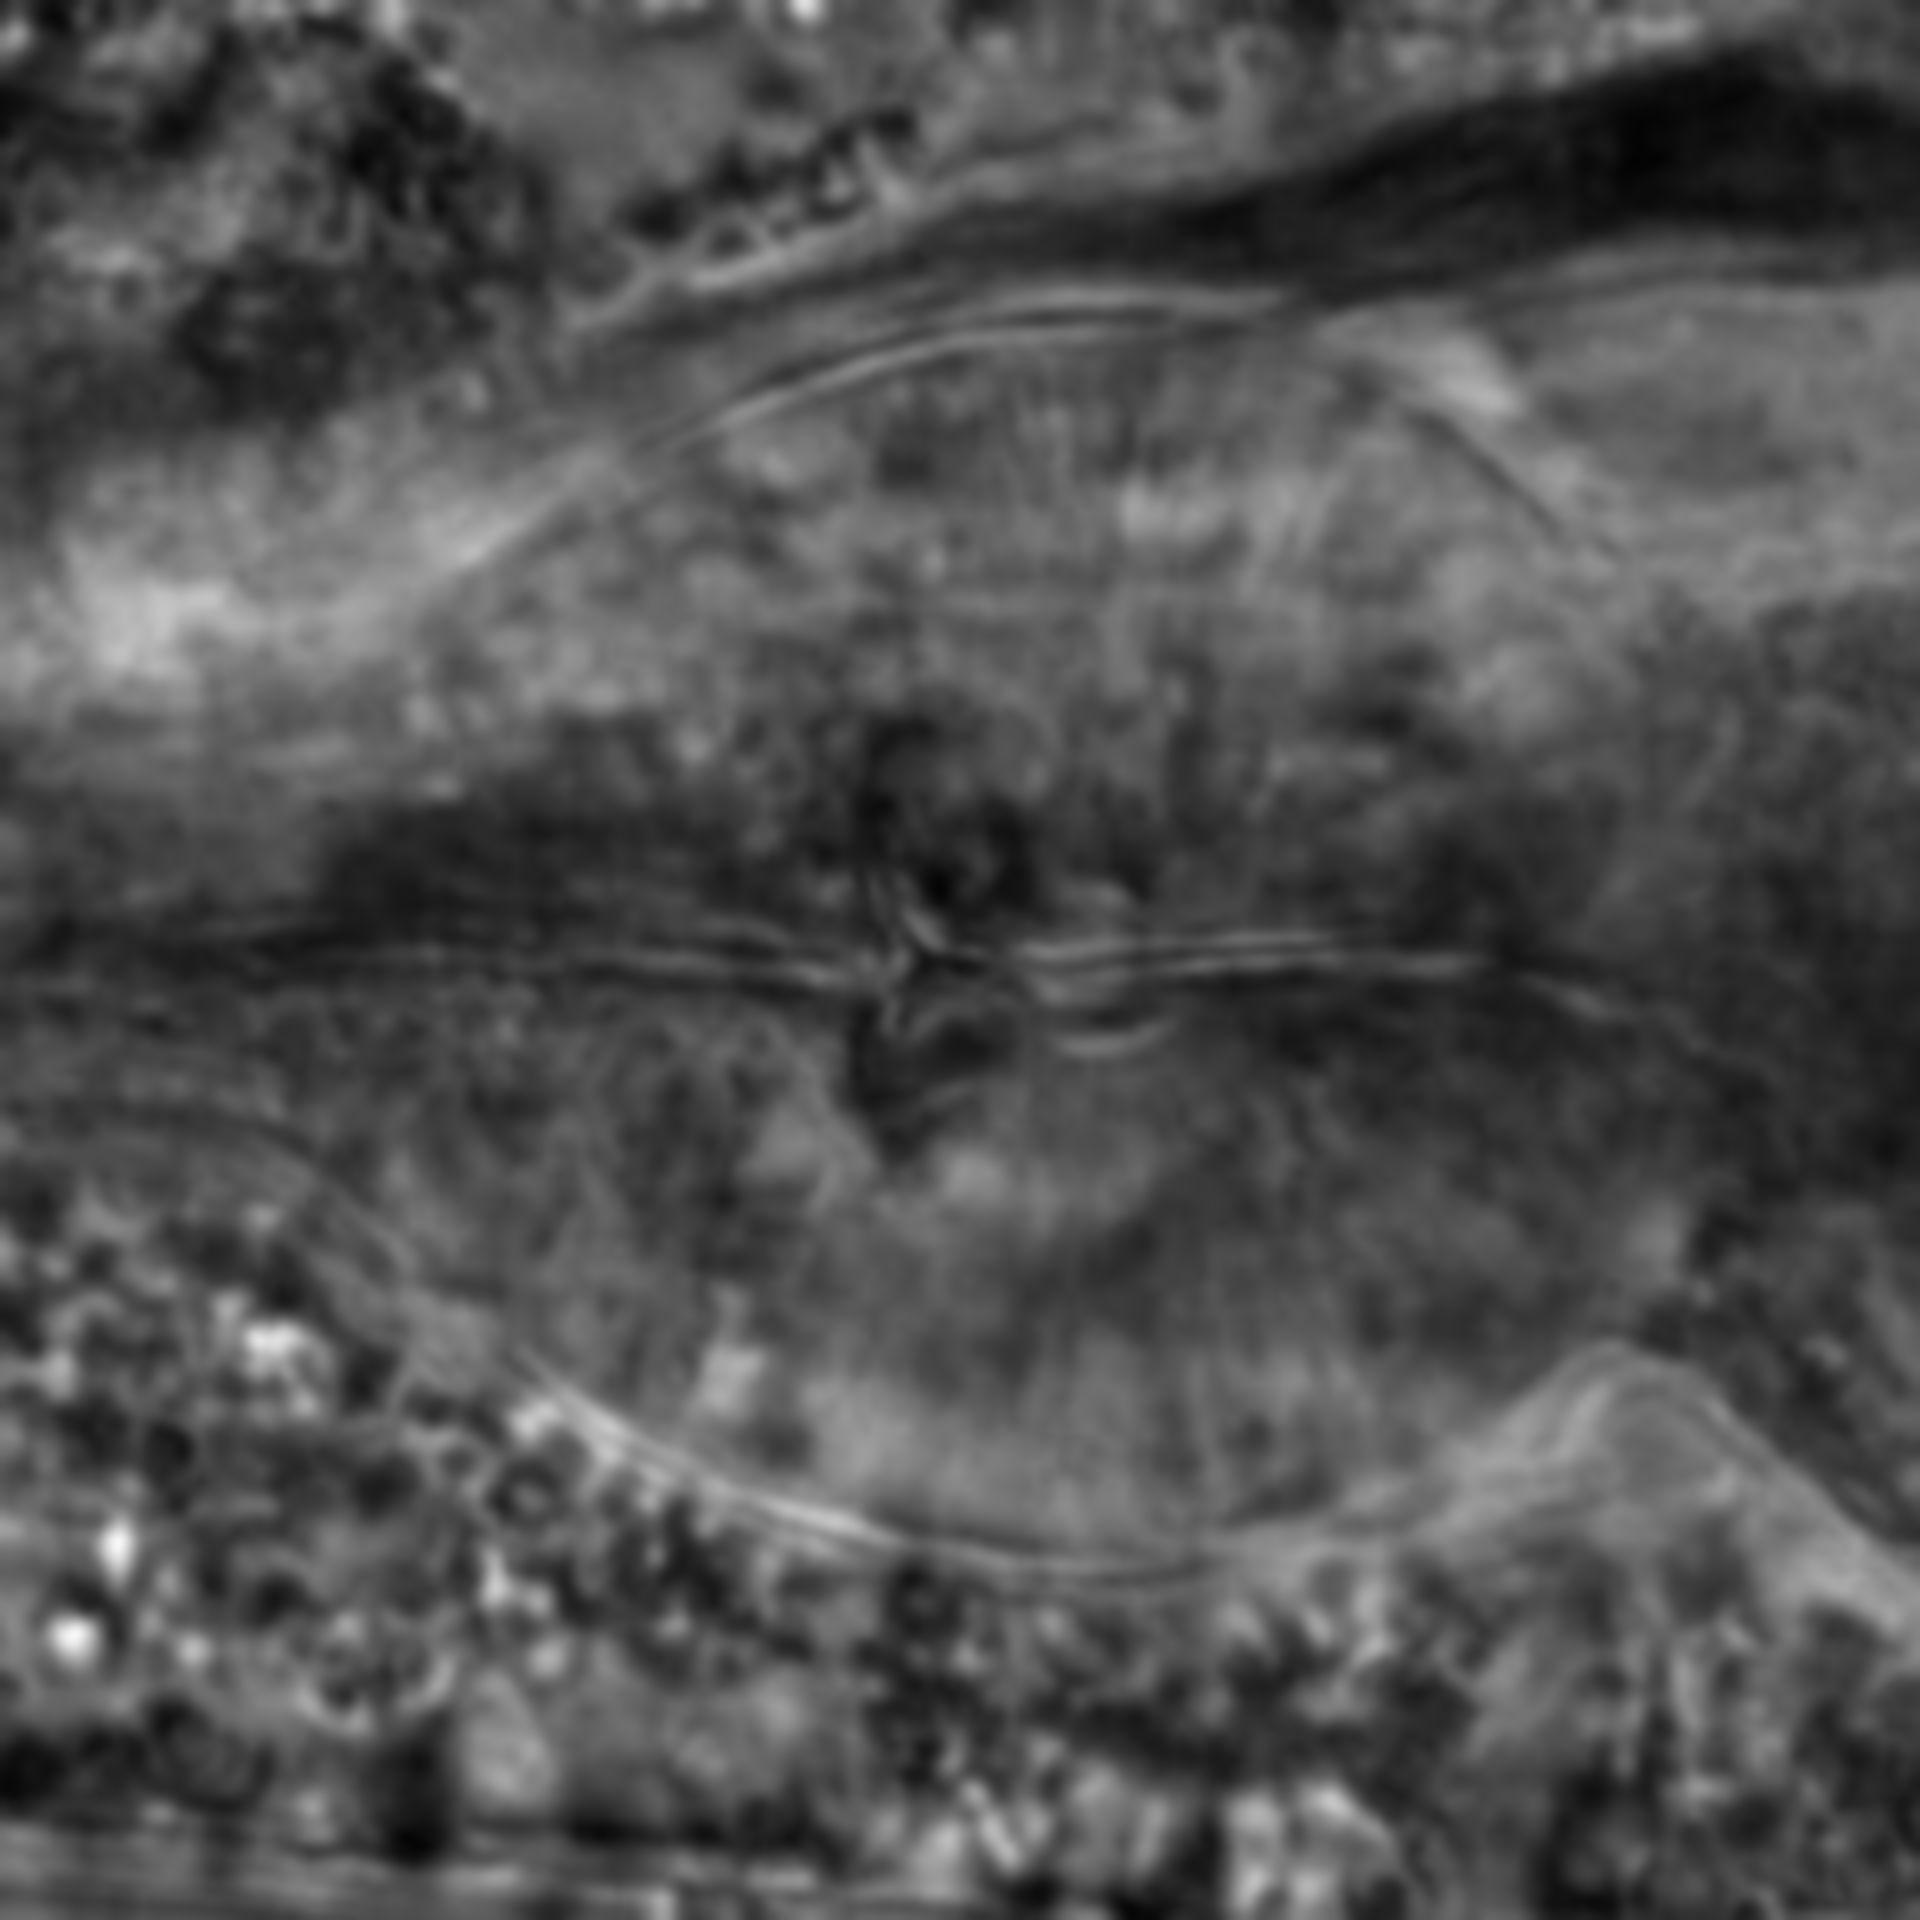 Caenorhabditis elegans - CIL:2284